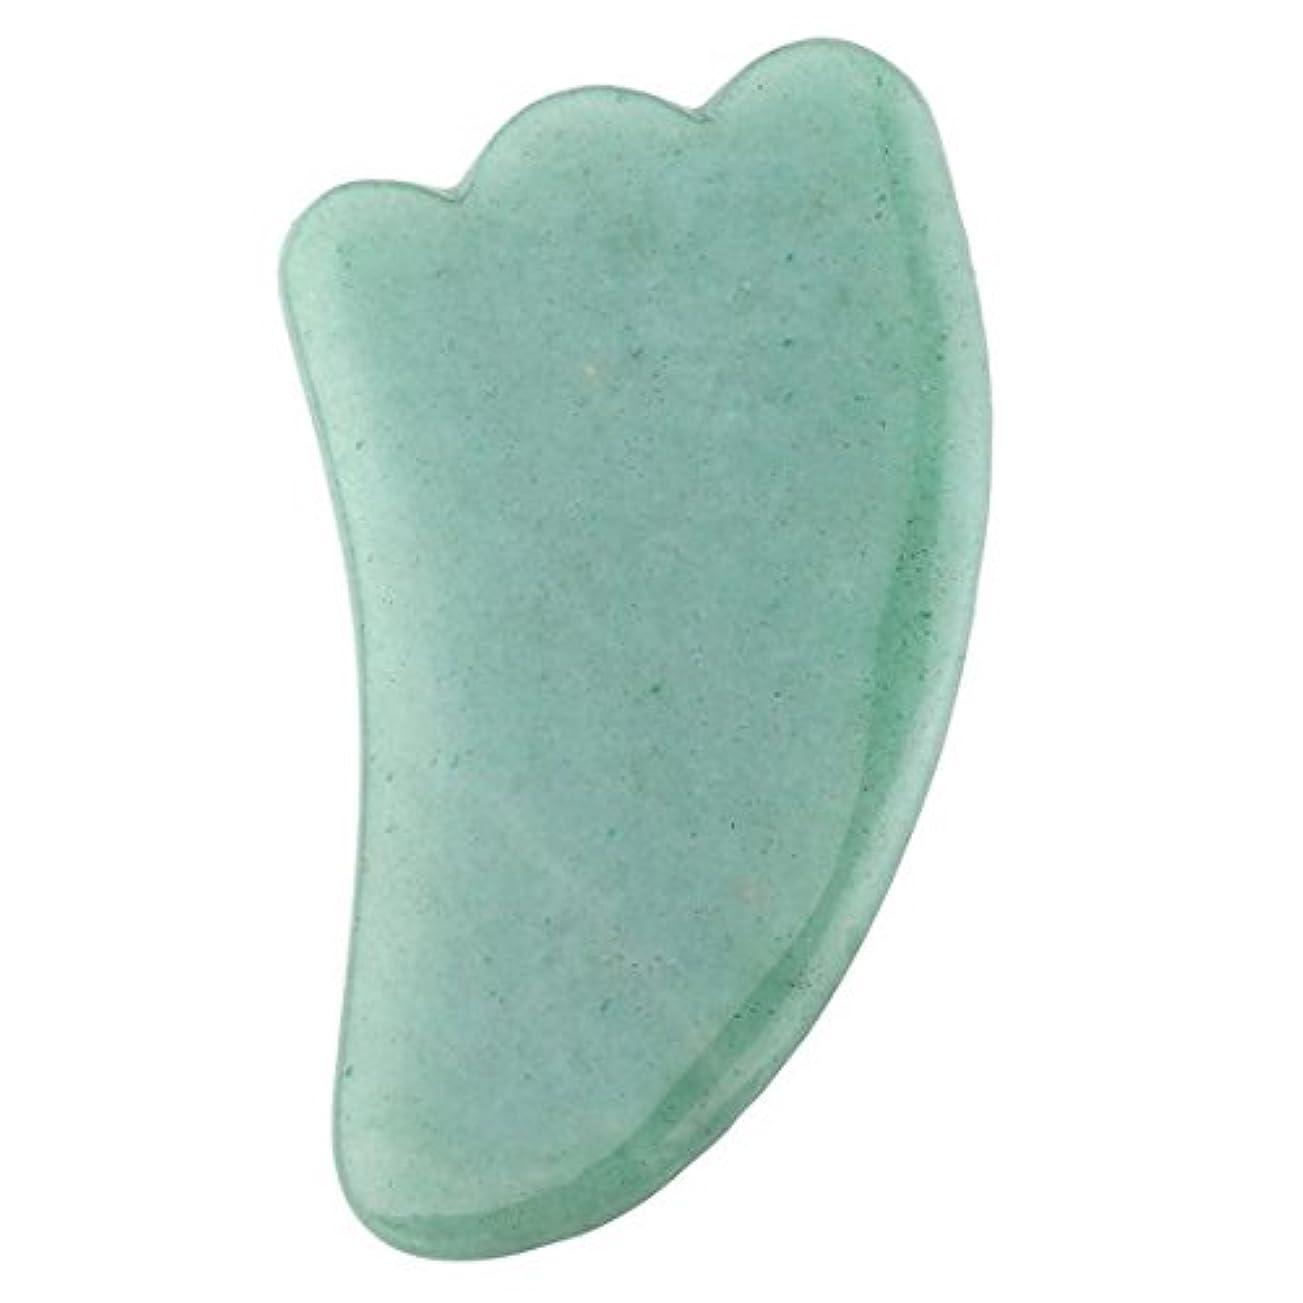 強います歯痛フェッチ(イスイ) YISHUI風水 グアシャ スクラップ マッサージ ツール ナチュラル ローズ クォーツ グリーン アベンチュリン ウイングシェイプグアシャボード 伝統的 スクレーパーツール W3415 (グリーン)